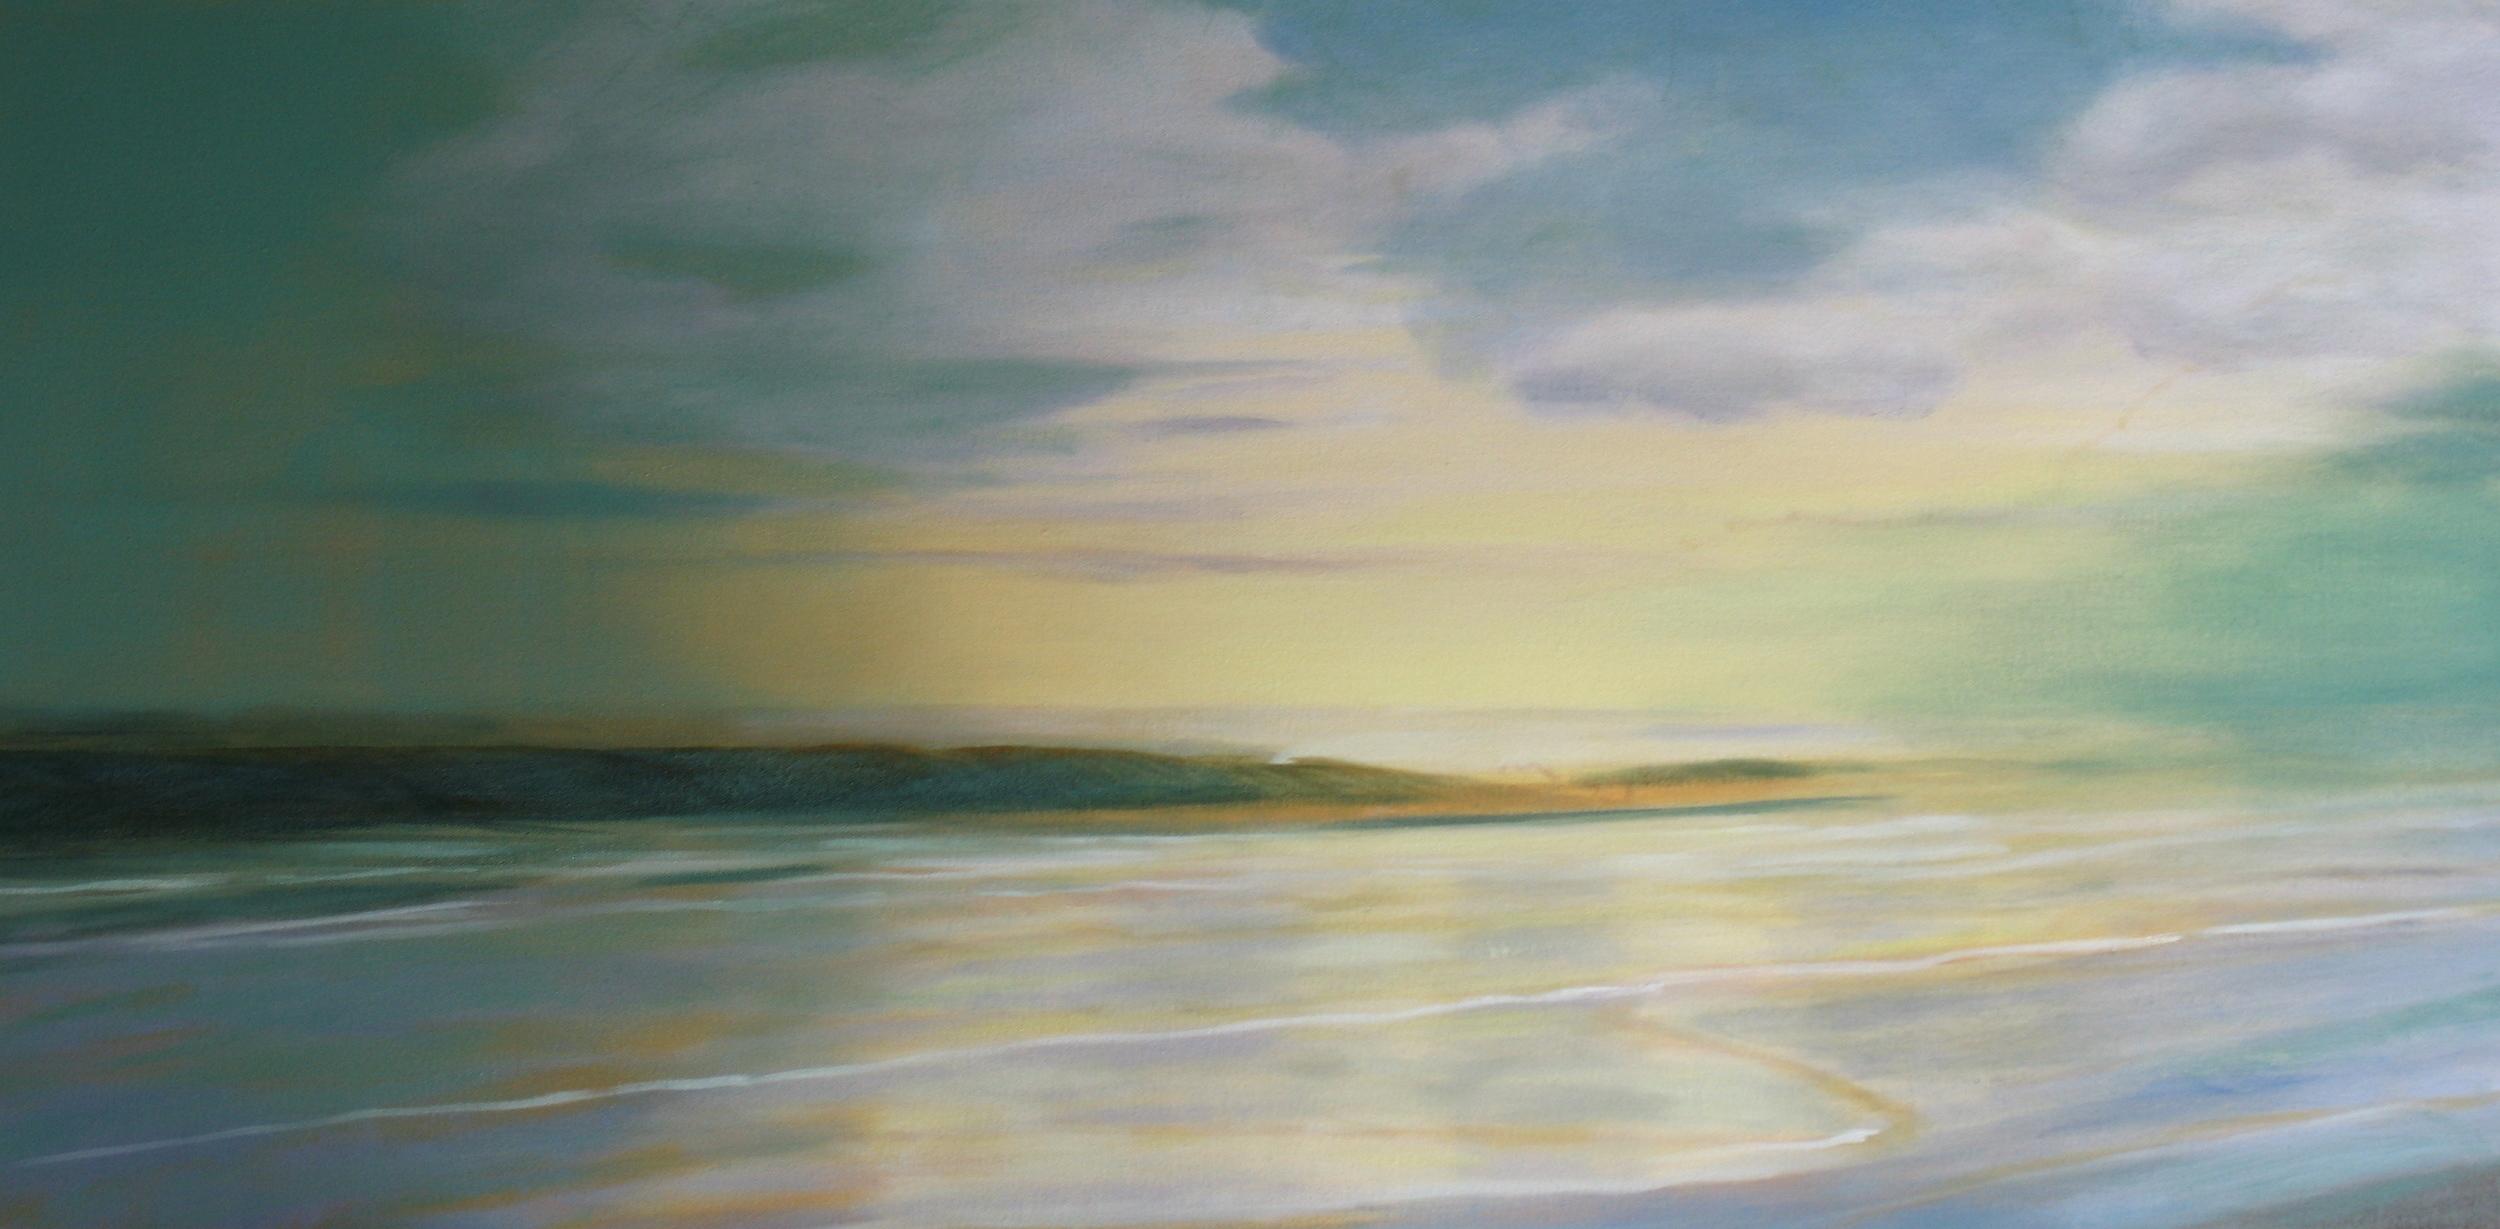 Ocean Waves 3  Oil on Canvas. 20x40